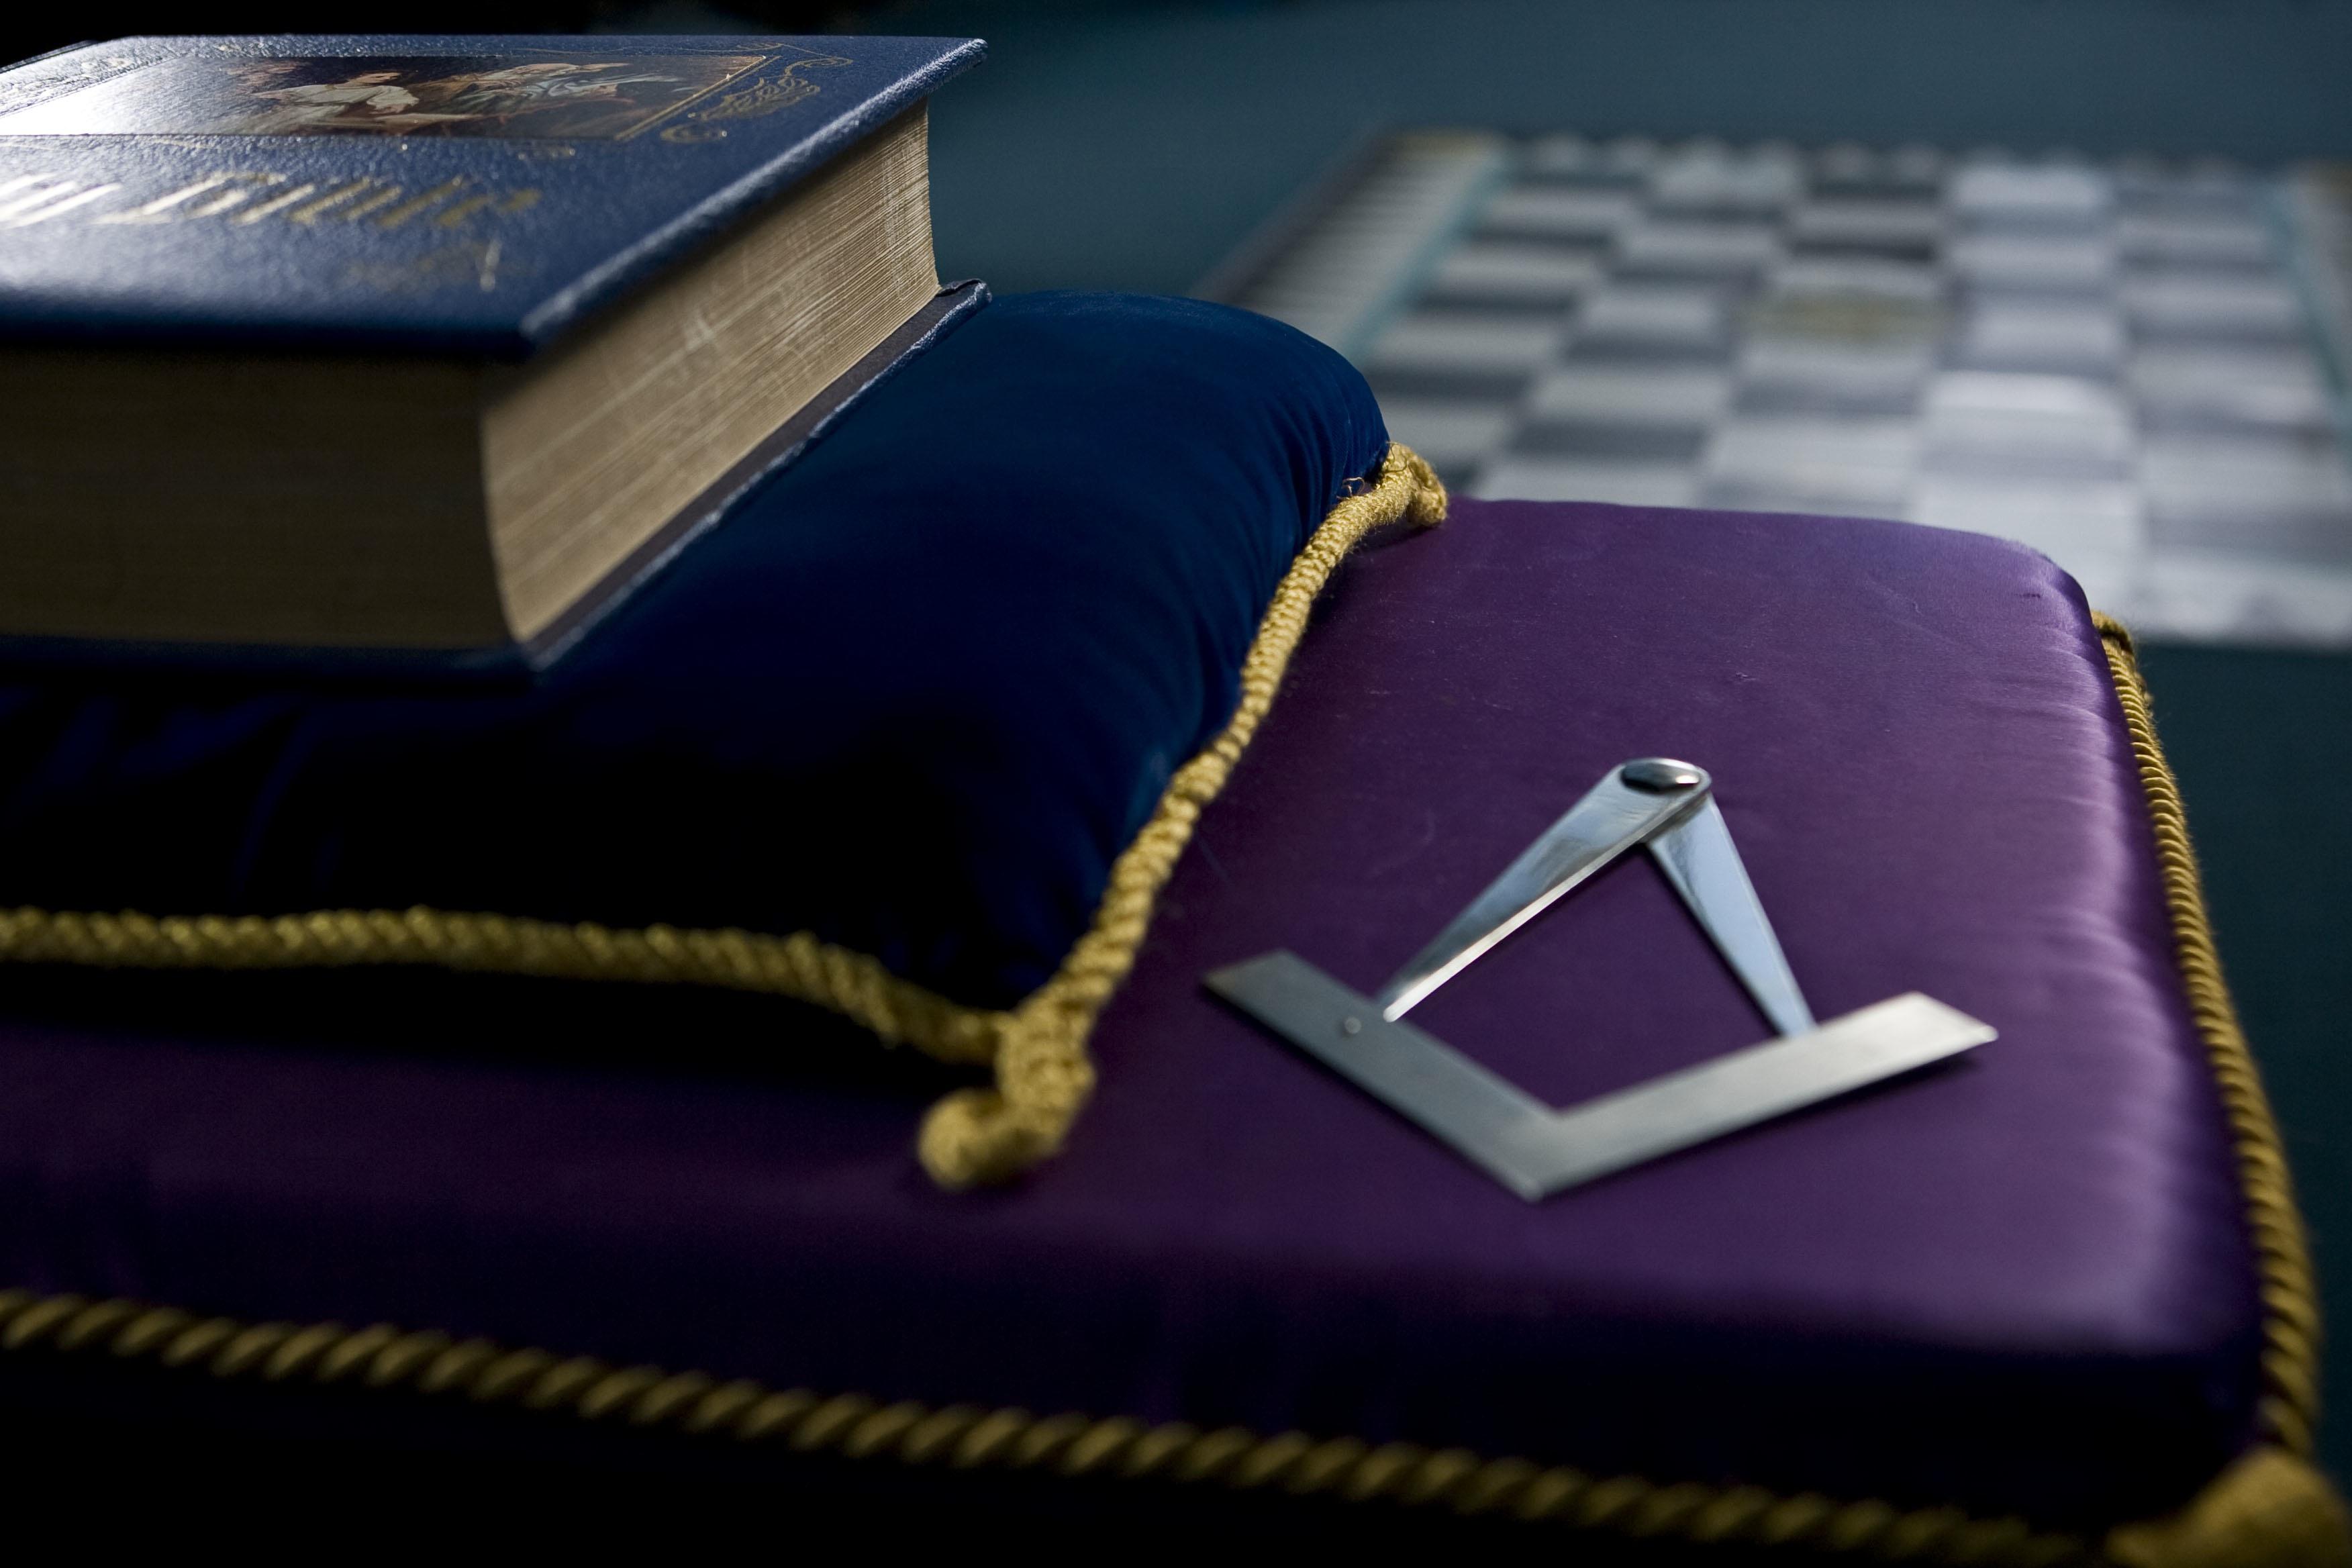 freemasons_ri4p8262_copyright_matt_devlin_2011_mob-041-444-1386